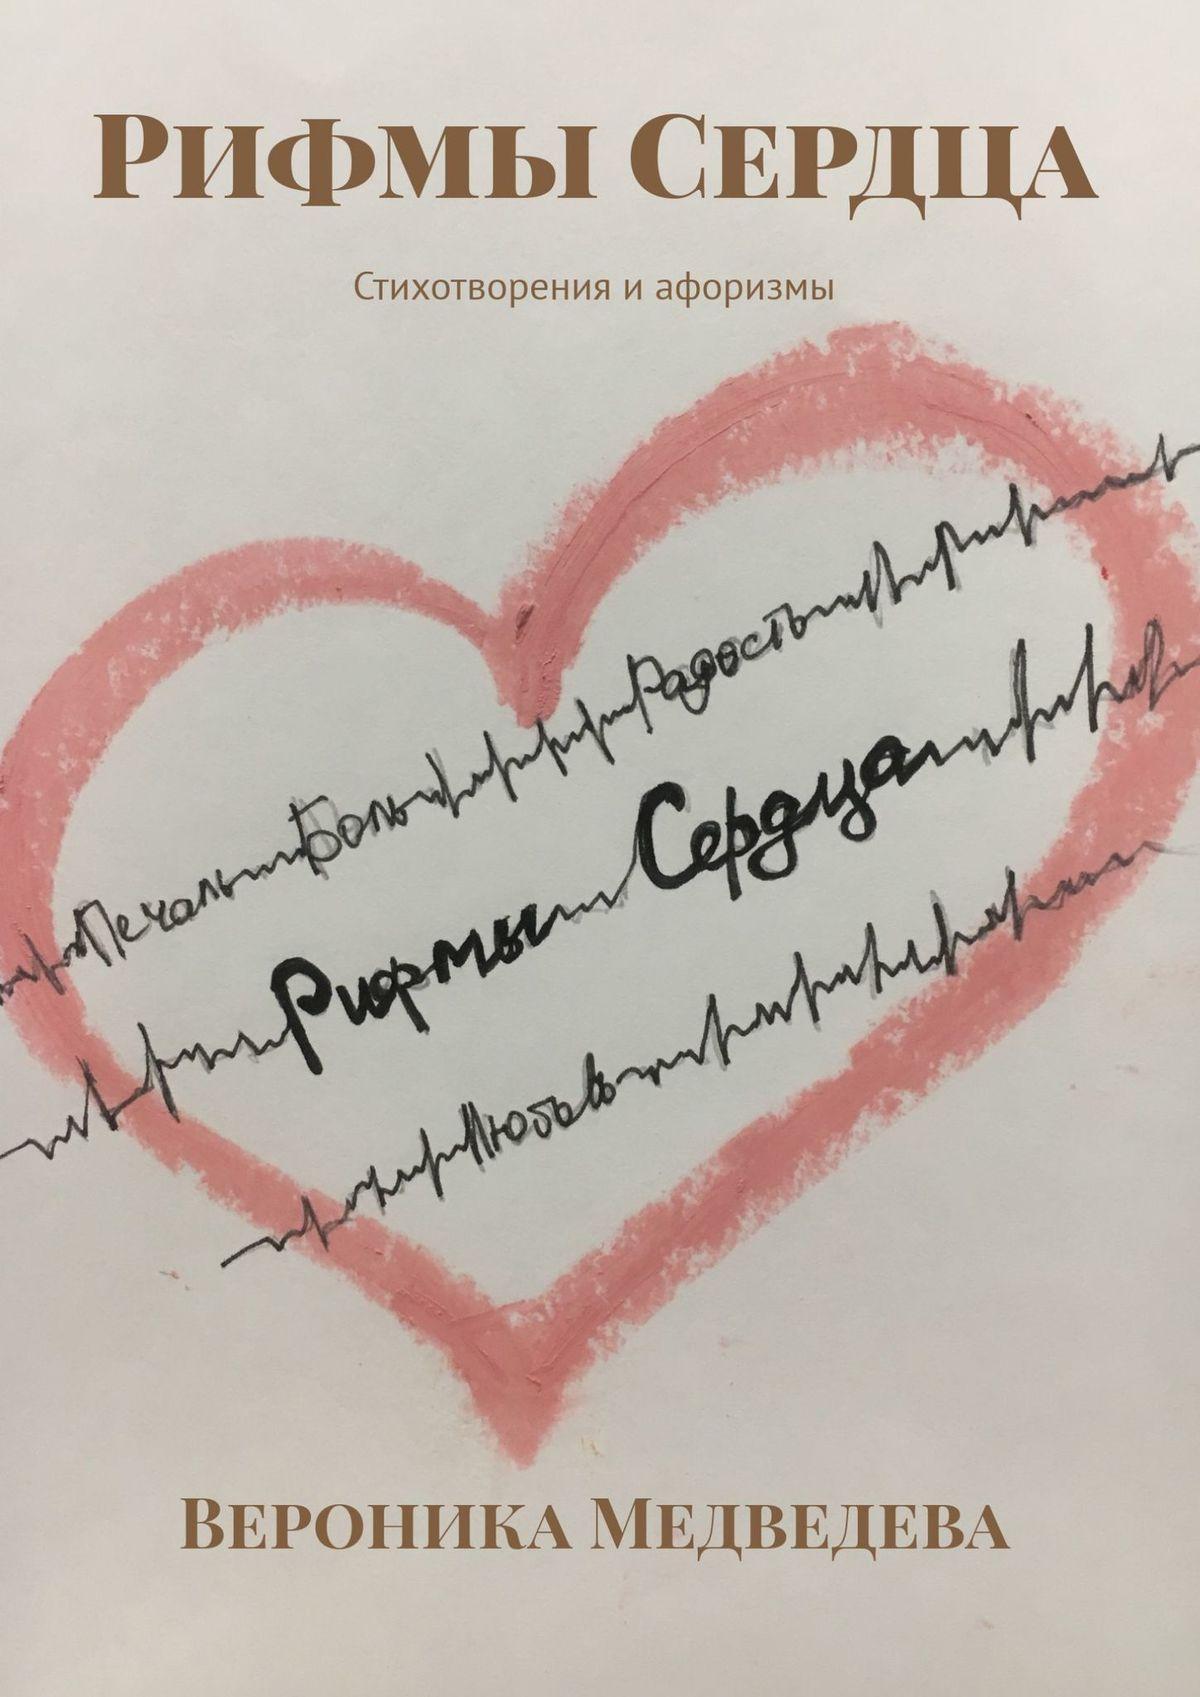 Рифмы Сердца. Стихотворения иафоризмы